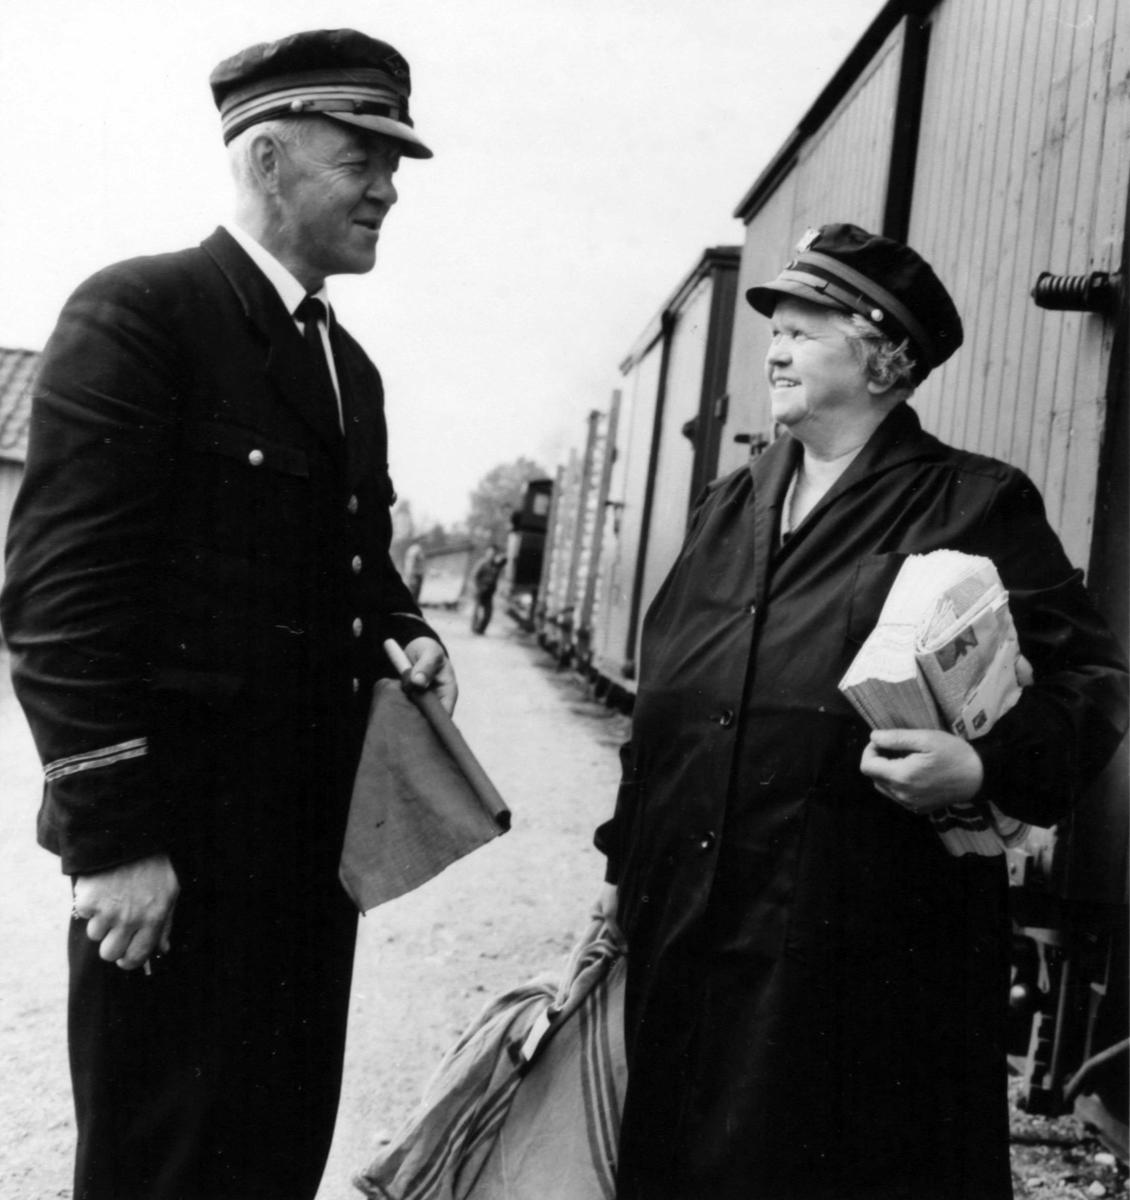 Stasjonsmester og overkonduktør utveksler meldinger under oppholdet på Hornåseng stasjon. Overlevering av dagens post.